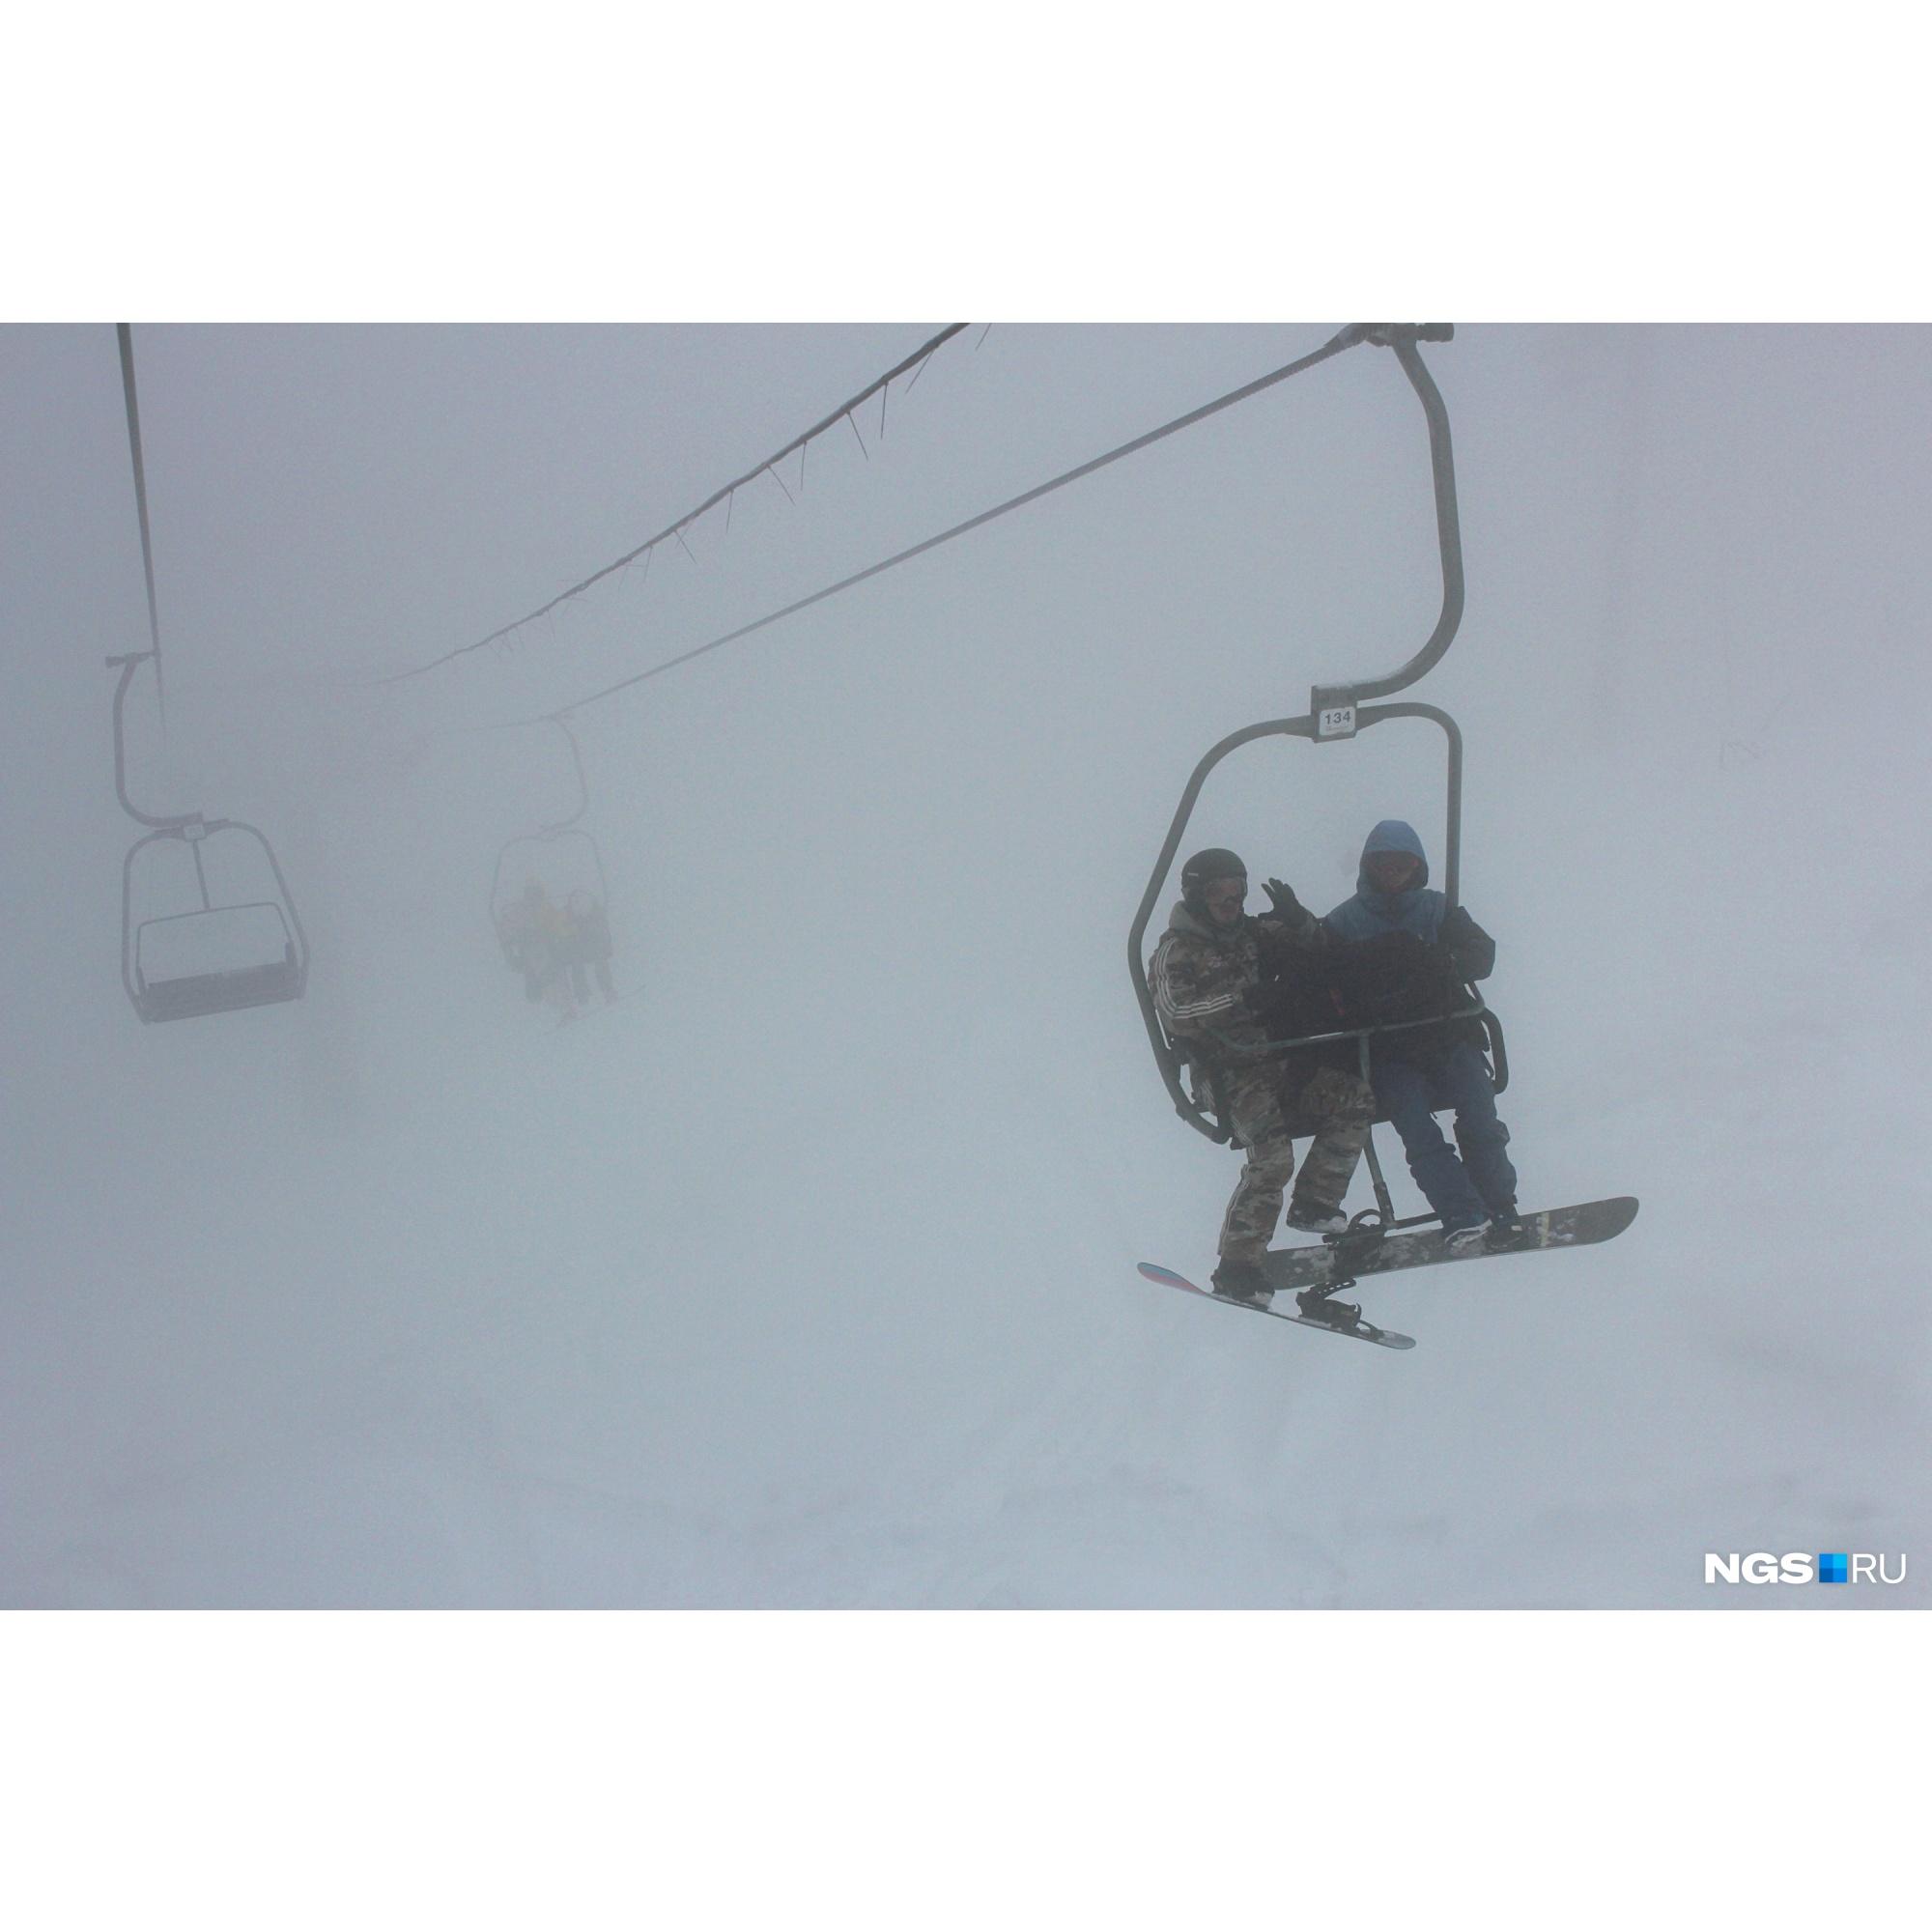 Начав подниматься при ясном небе, на последнем этапе можно попасть в густое облако тумана